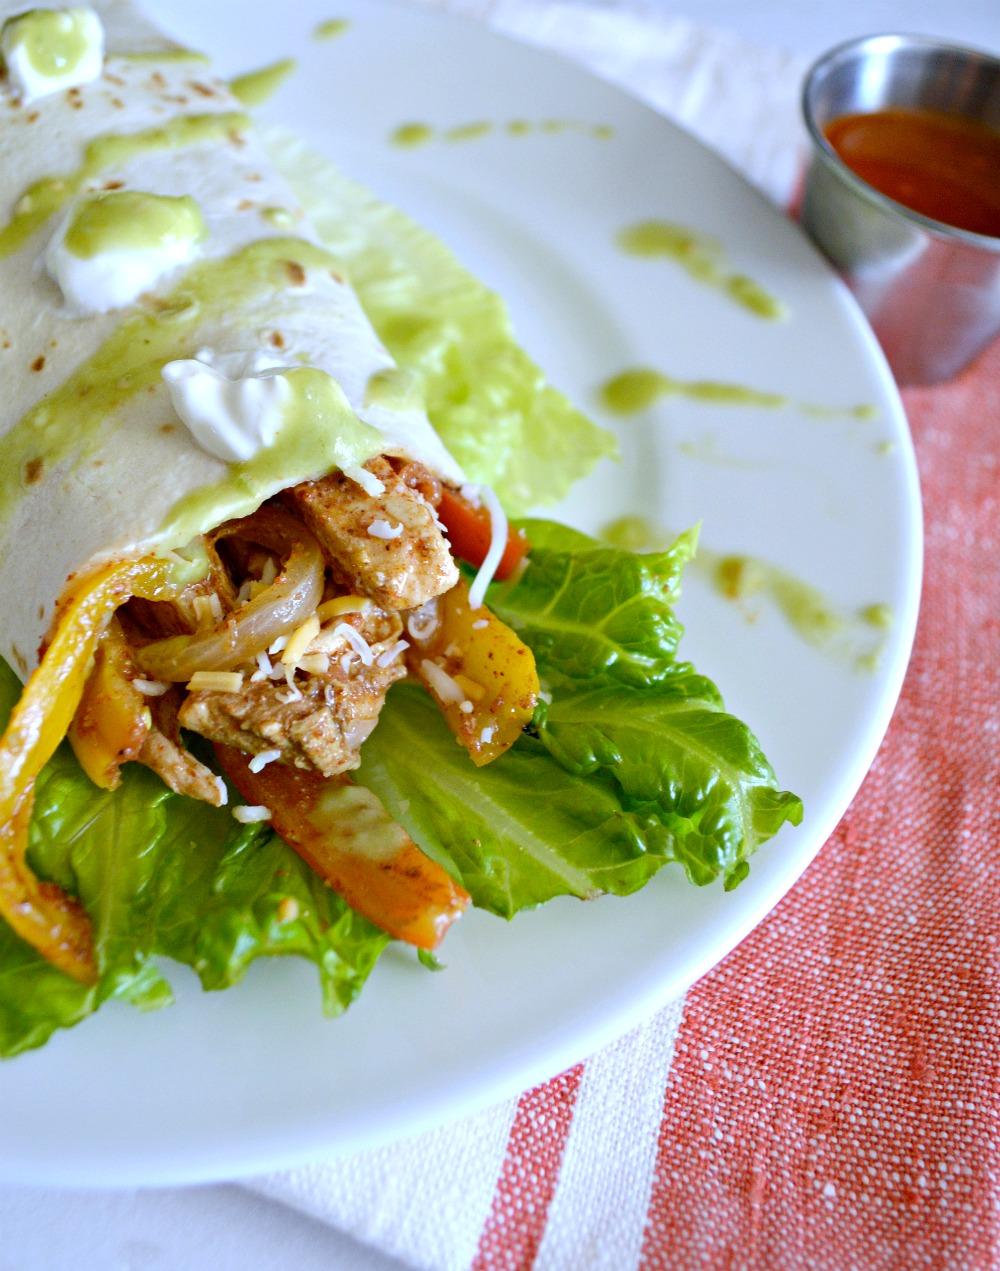 one-dish-easy-fajita-recipe-and-so-delicious